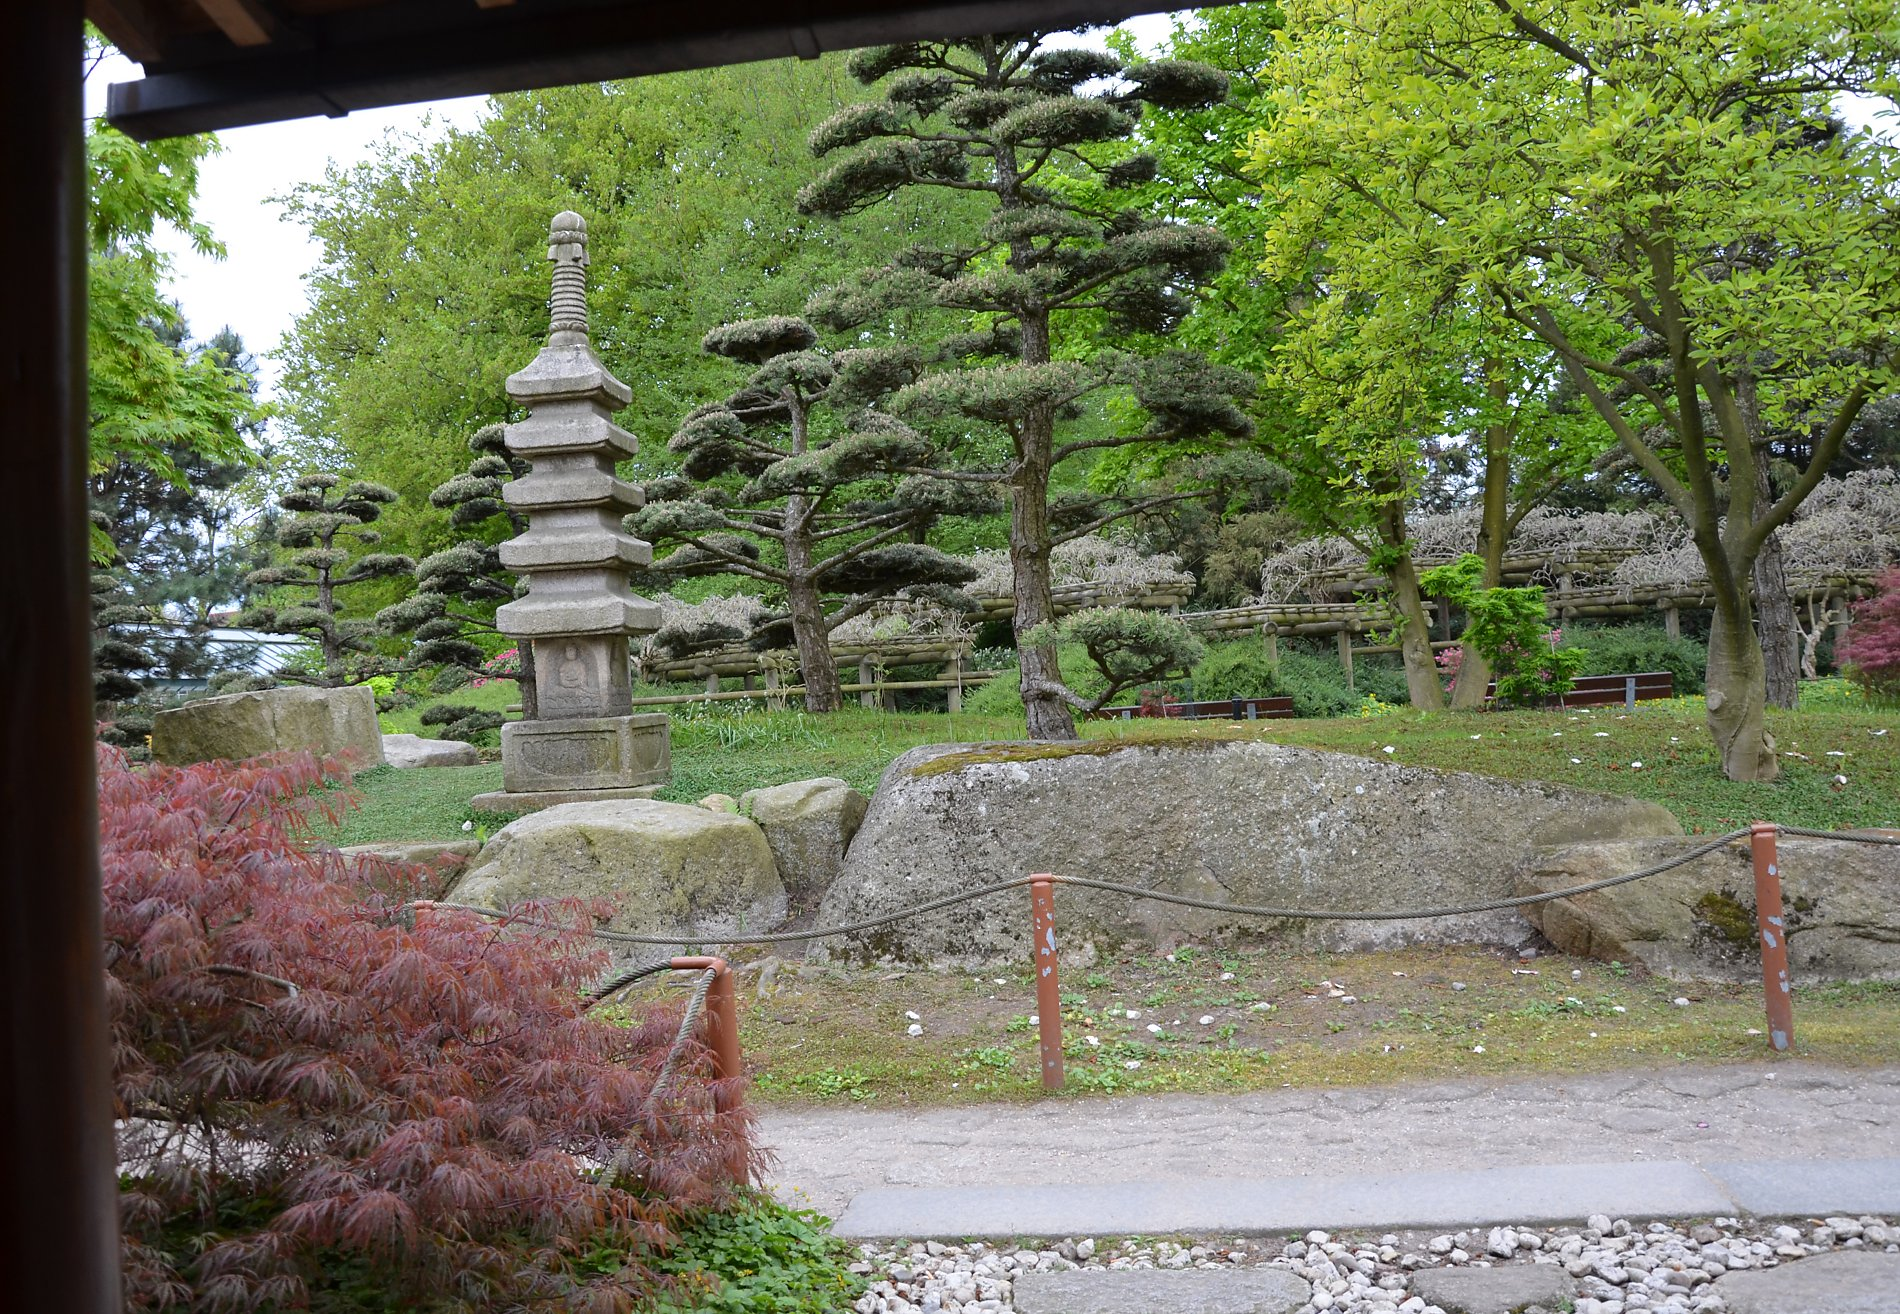 Pagodenlaterne mit 5 Stufen symbolisiert die fünf Elemente gemäß japanischer (buddhistischer) Philosophie. Dies sind: Erde, Wasser, Feuer, Luft und Leere